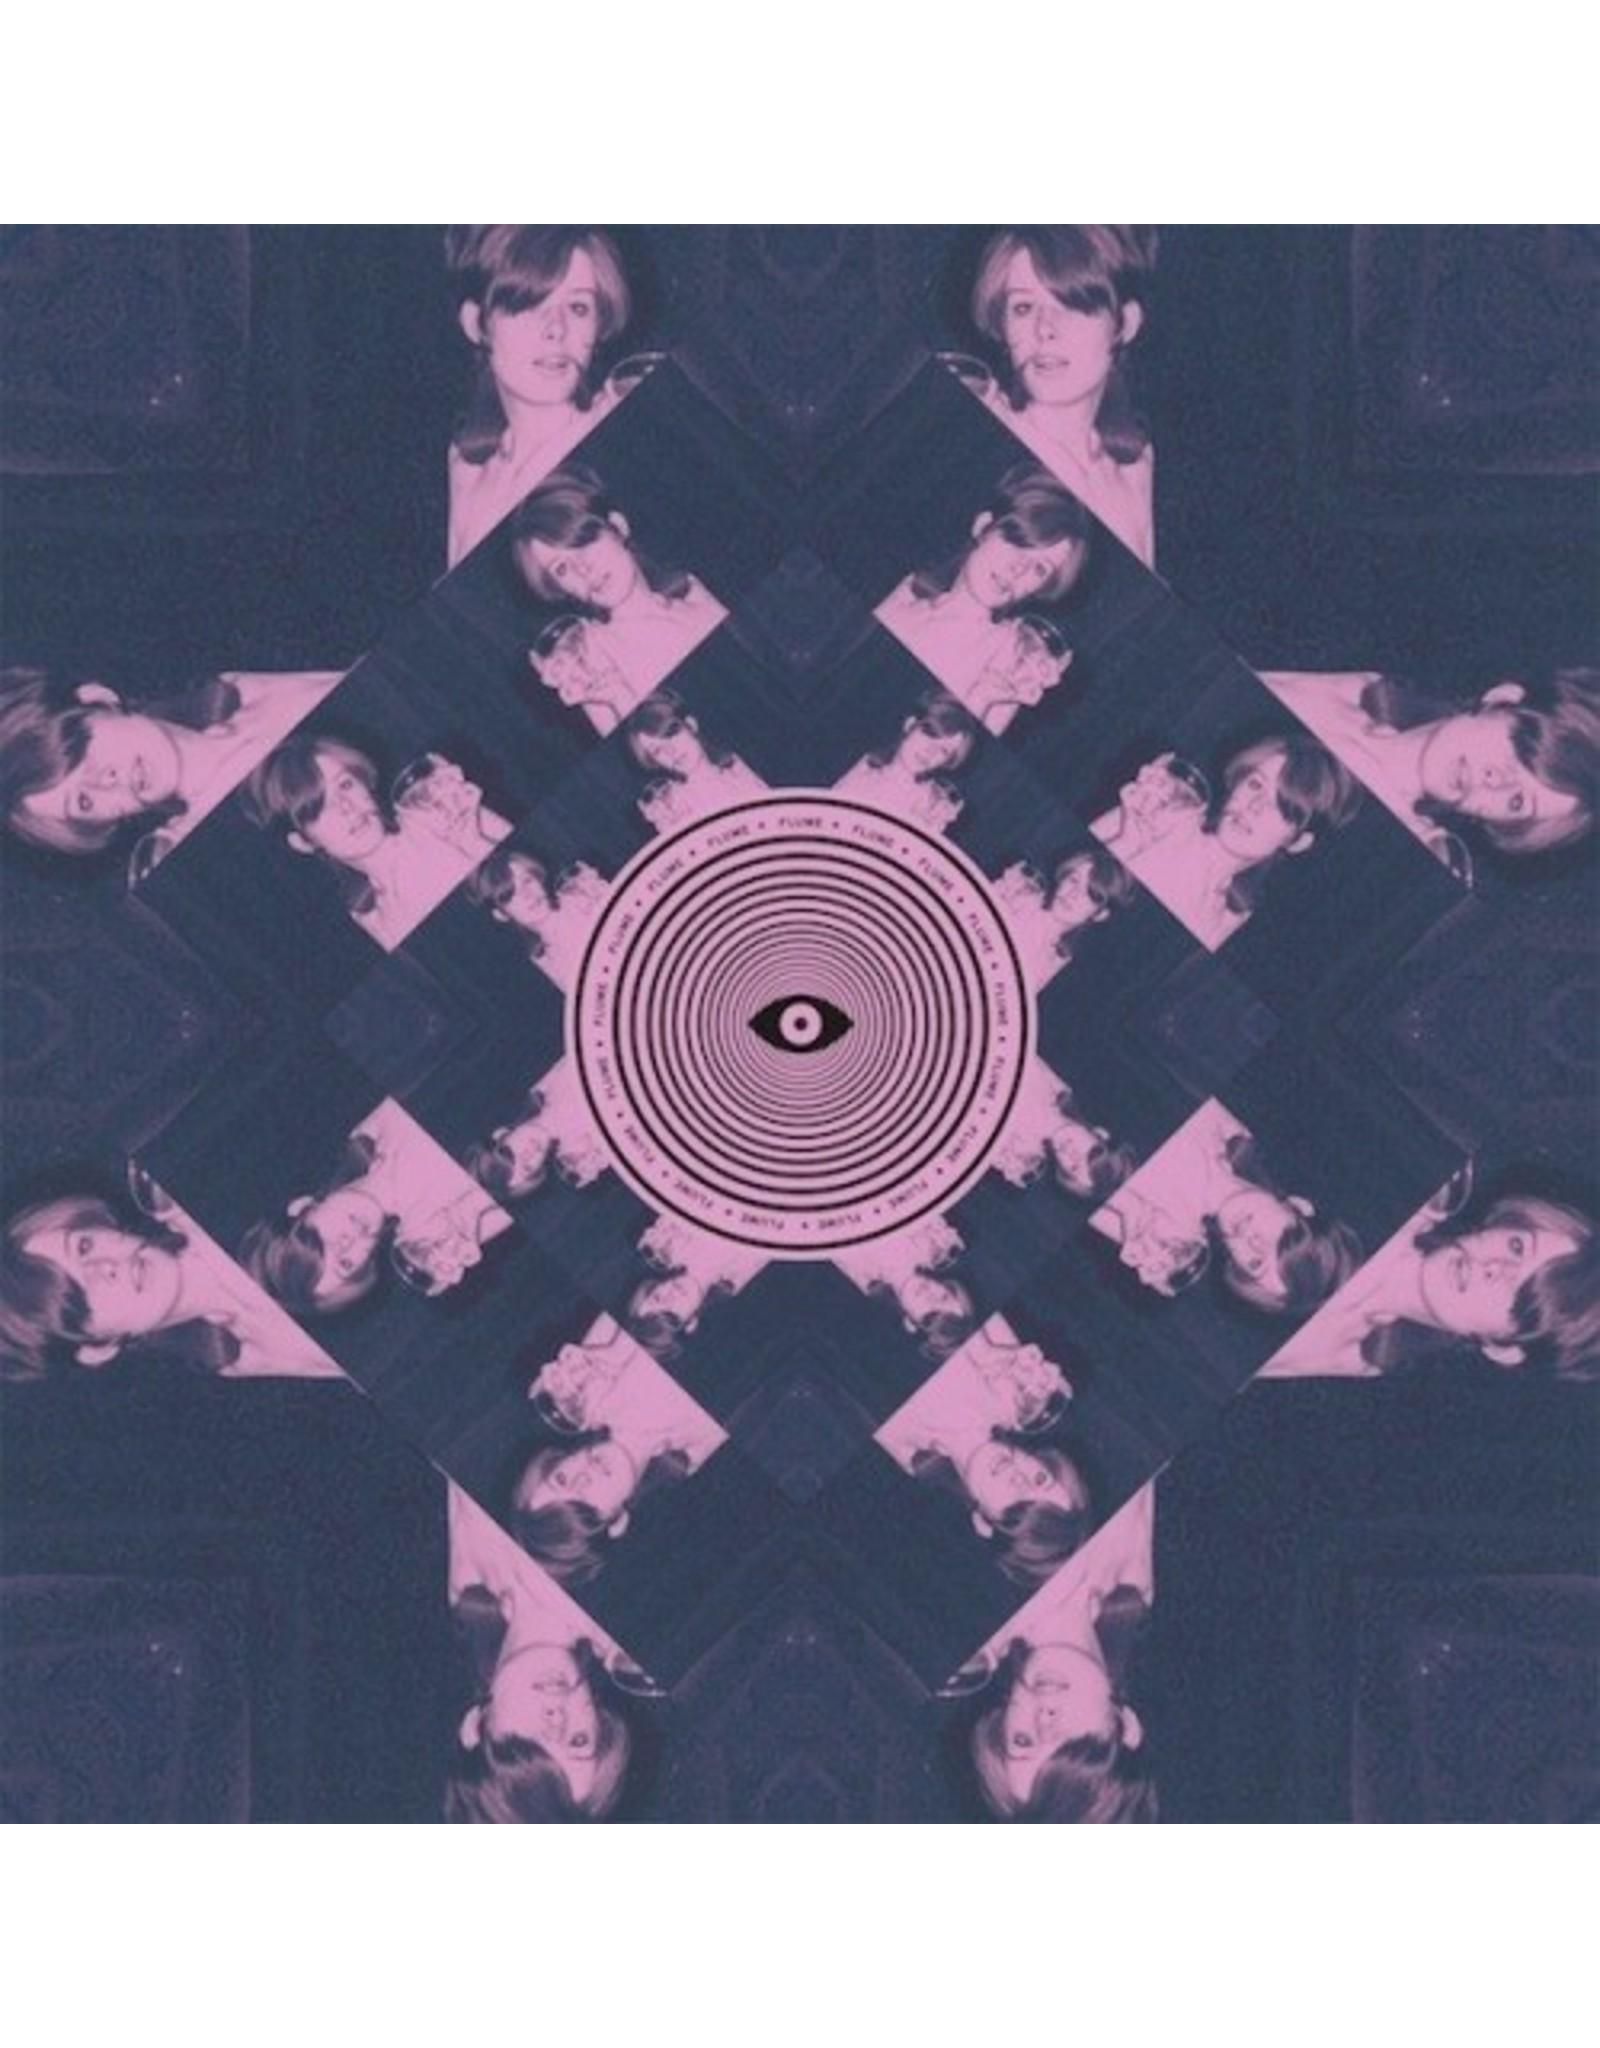 New Vinyl Flume - Flume LP